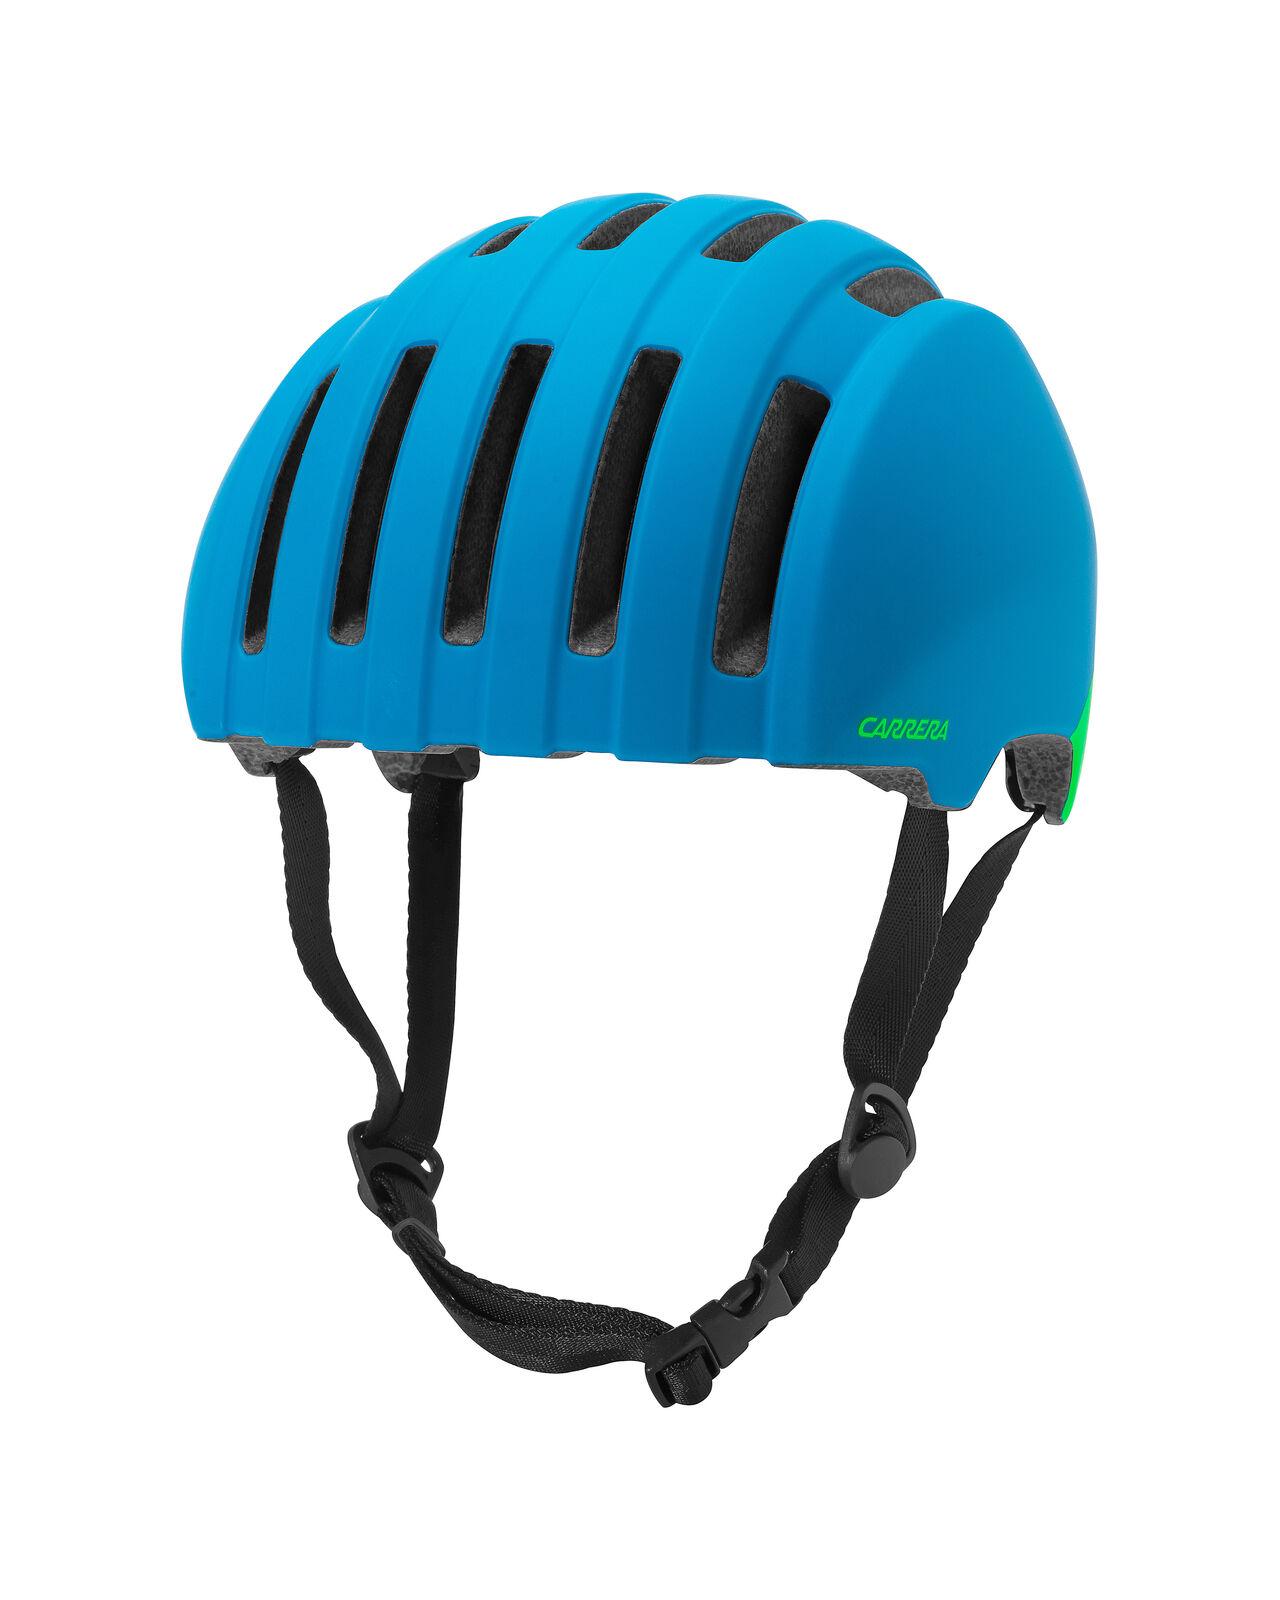 Carrera Casco per Bicicletta Precinct Blau Pianura Pianura Pianura Lavabili Imbottitura Interna 282ba5